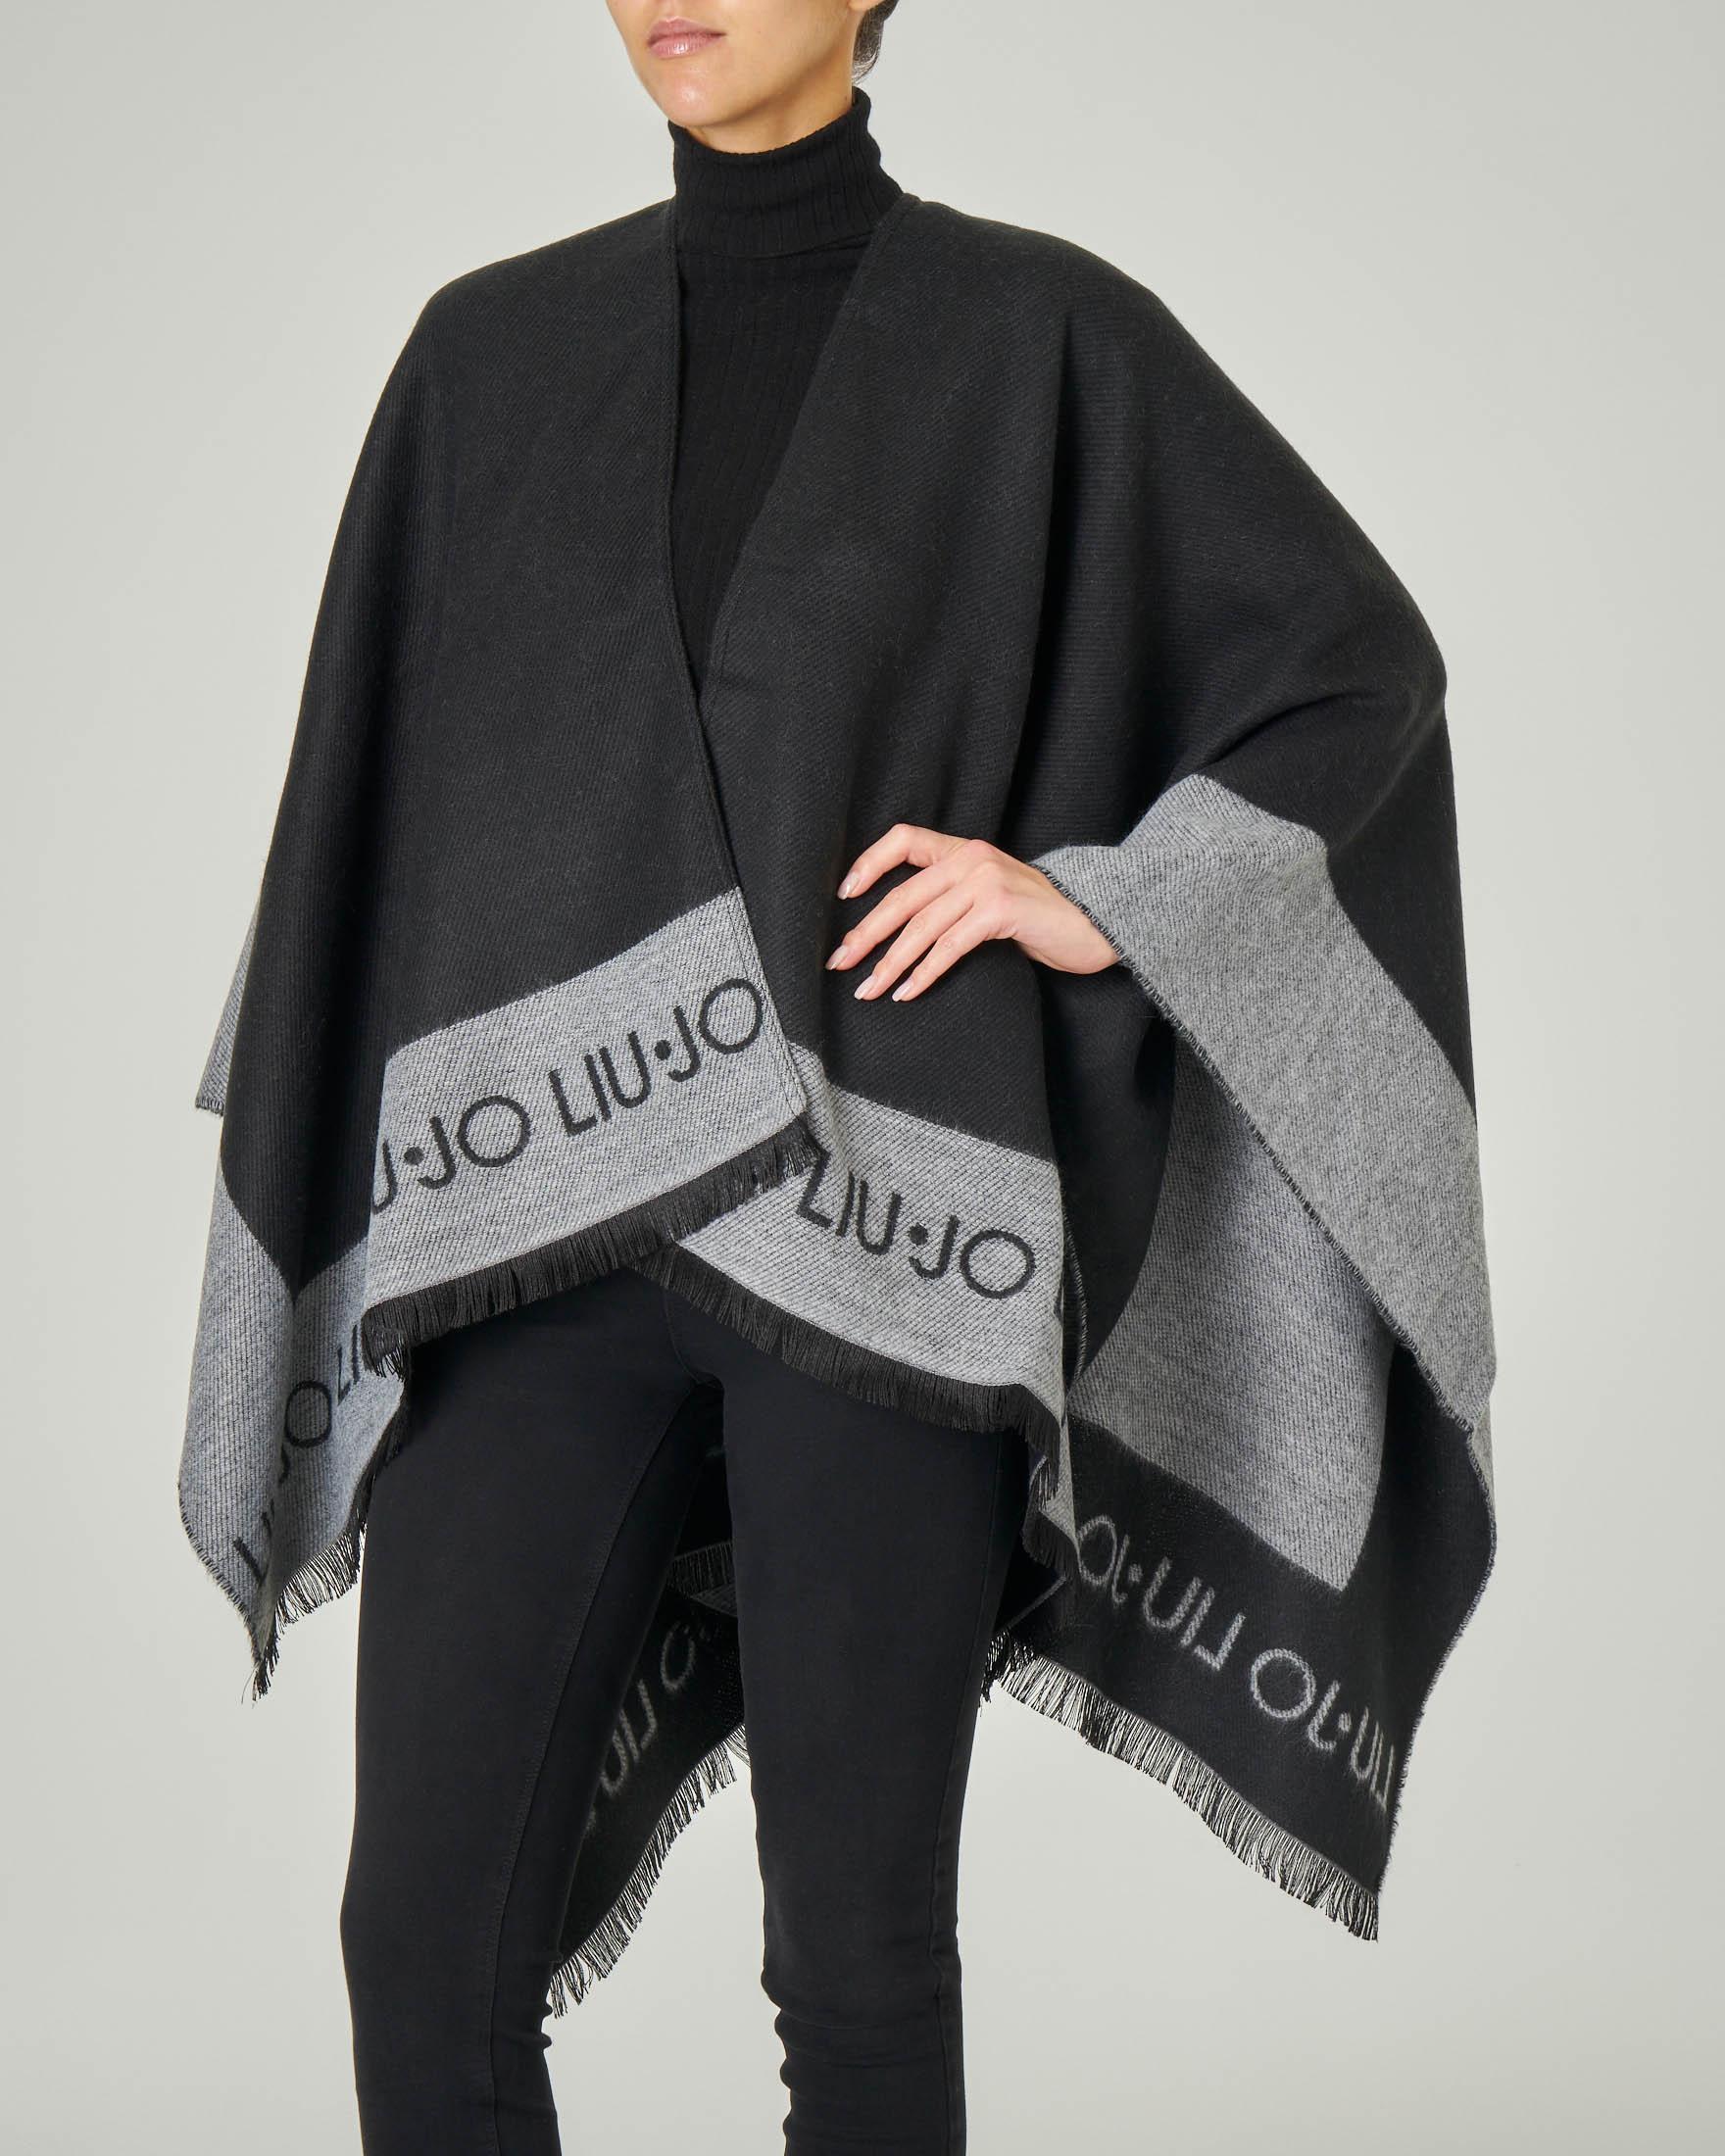 Poncho in maglia rasata nero con banda grigia e scritta logo a contrasto